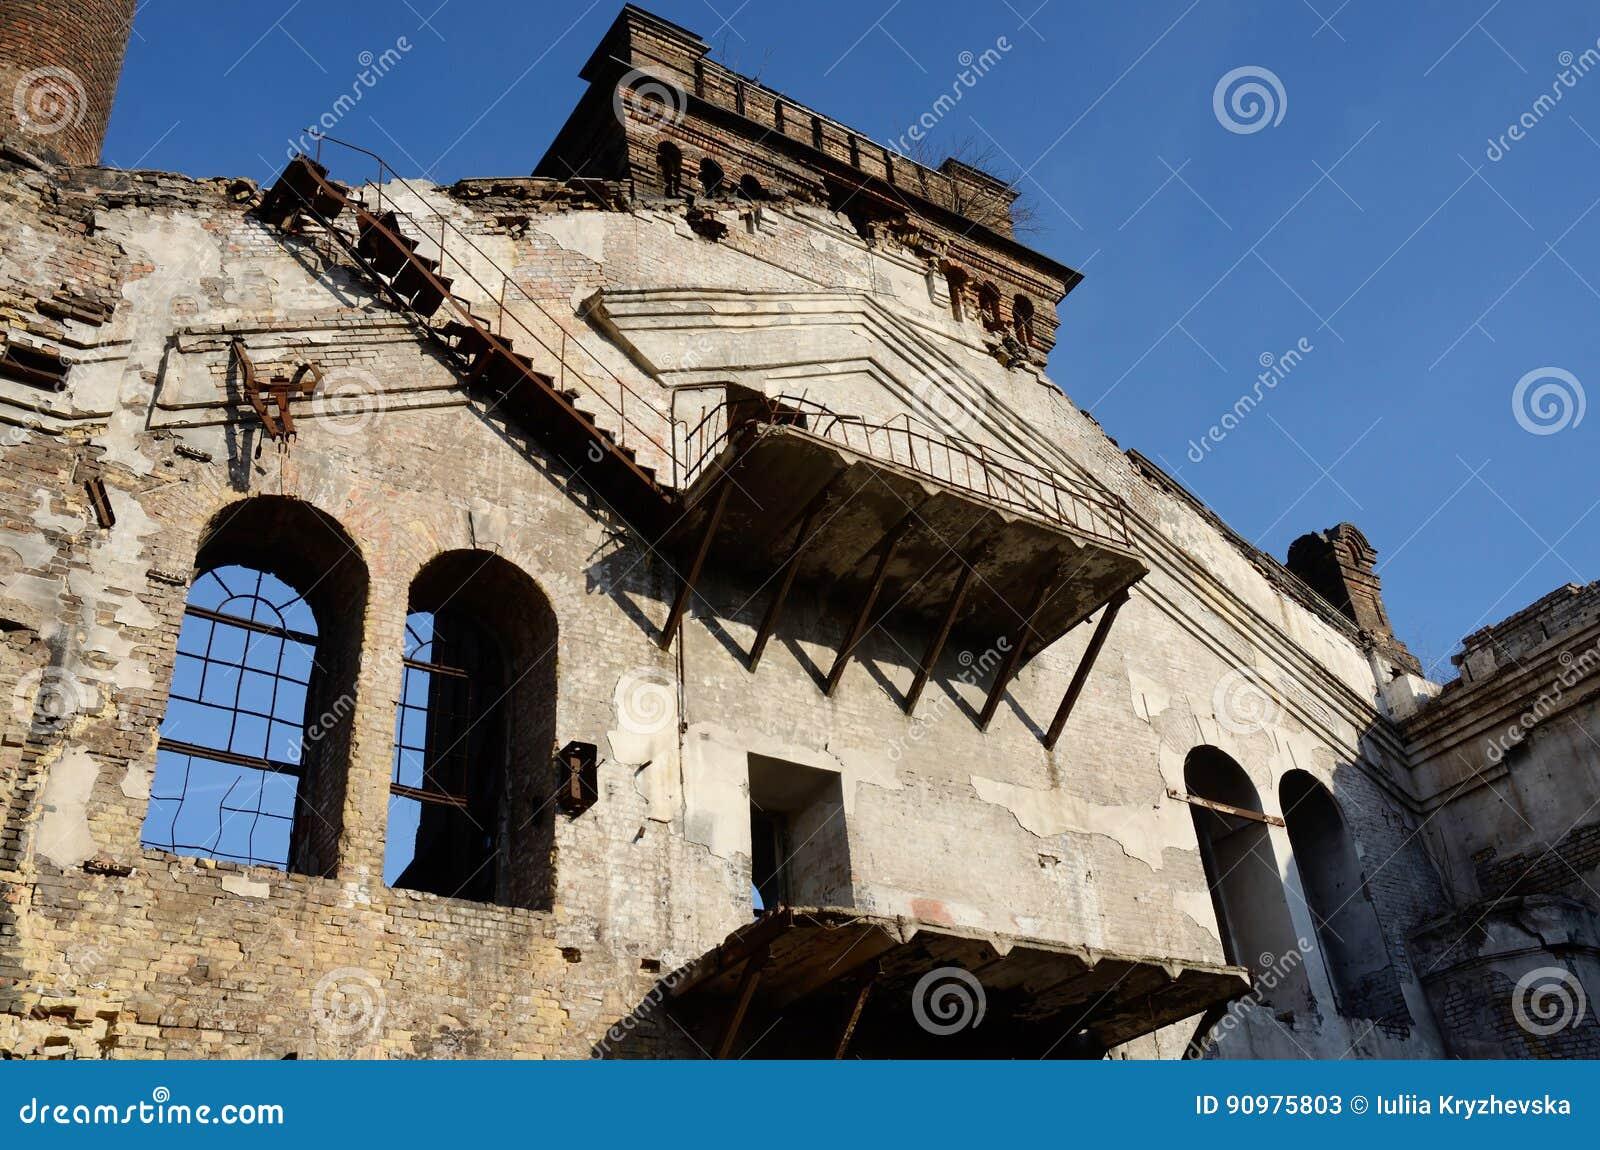 Verlassene Anlage Mit Balkon Treppe Und Zerbrochenen